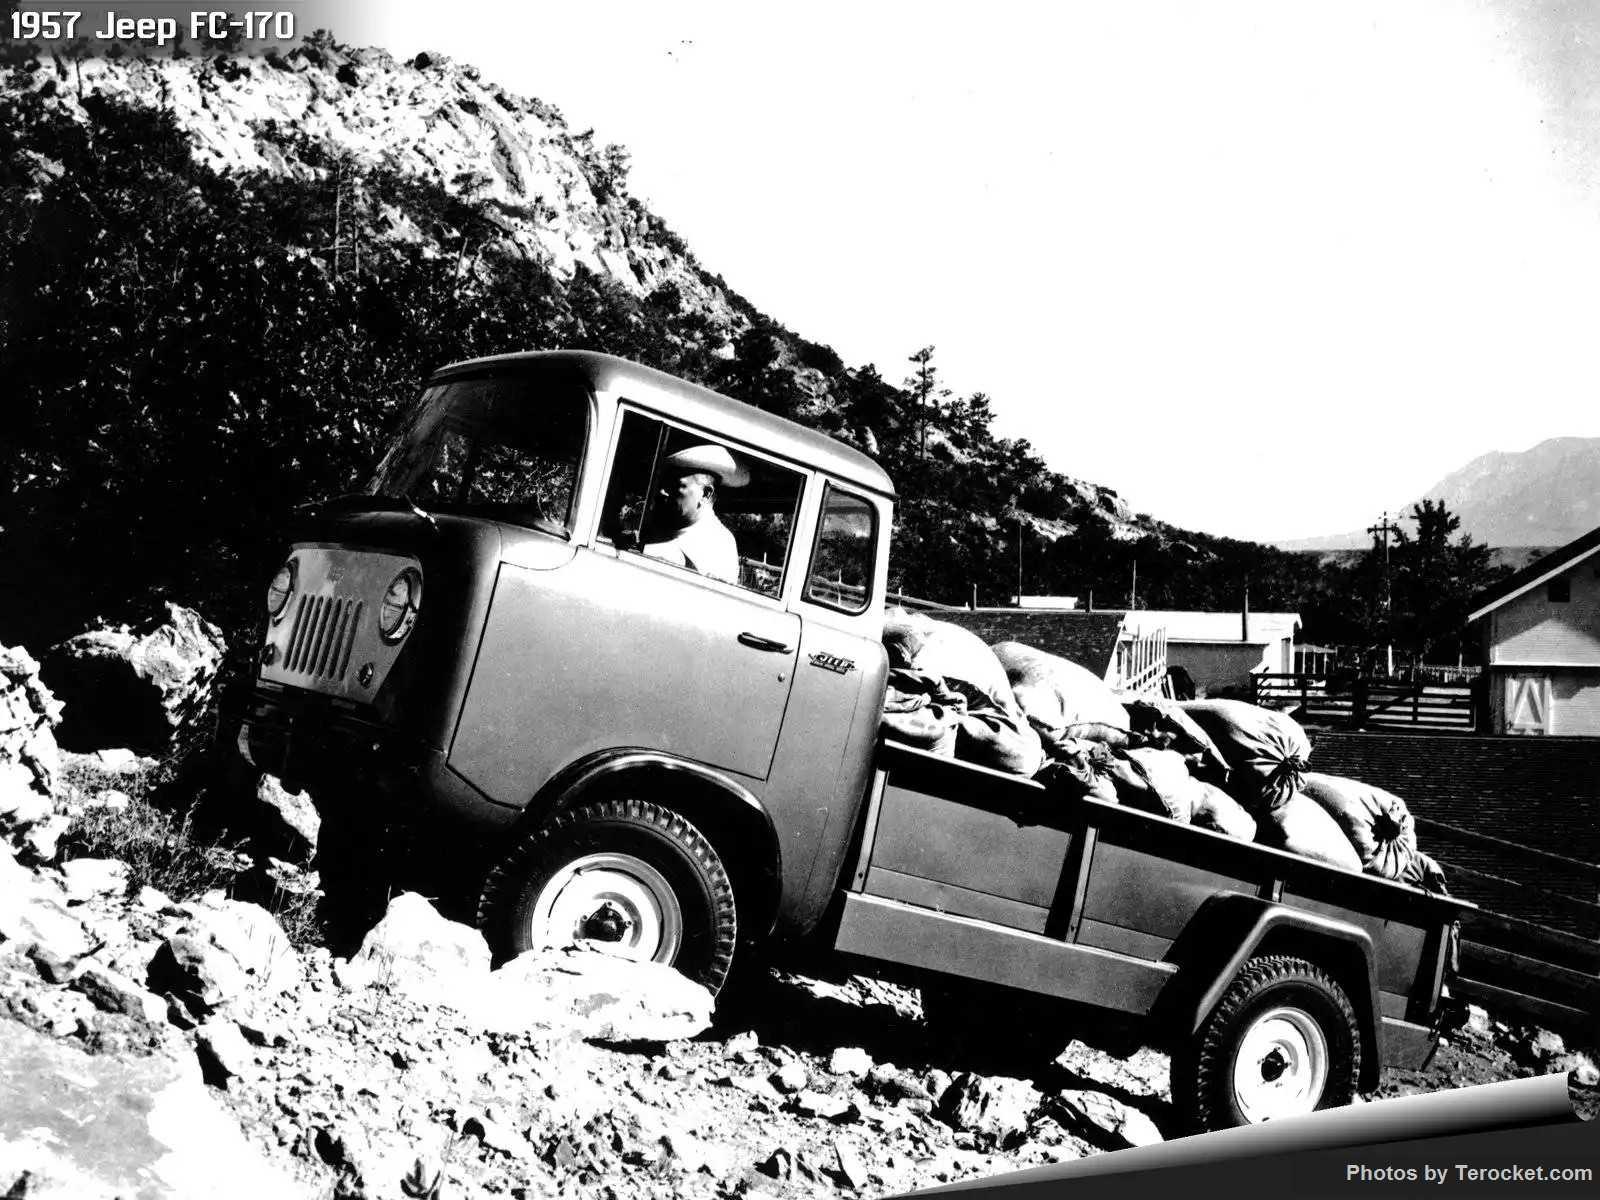 Hình ảnh xe ô tô Jeep FC-170 1957 & nội ngoại thất